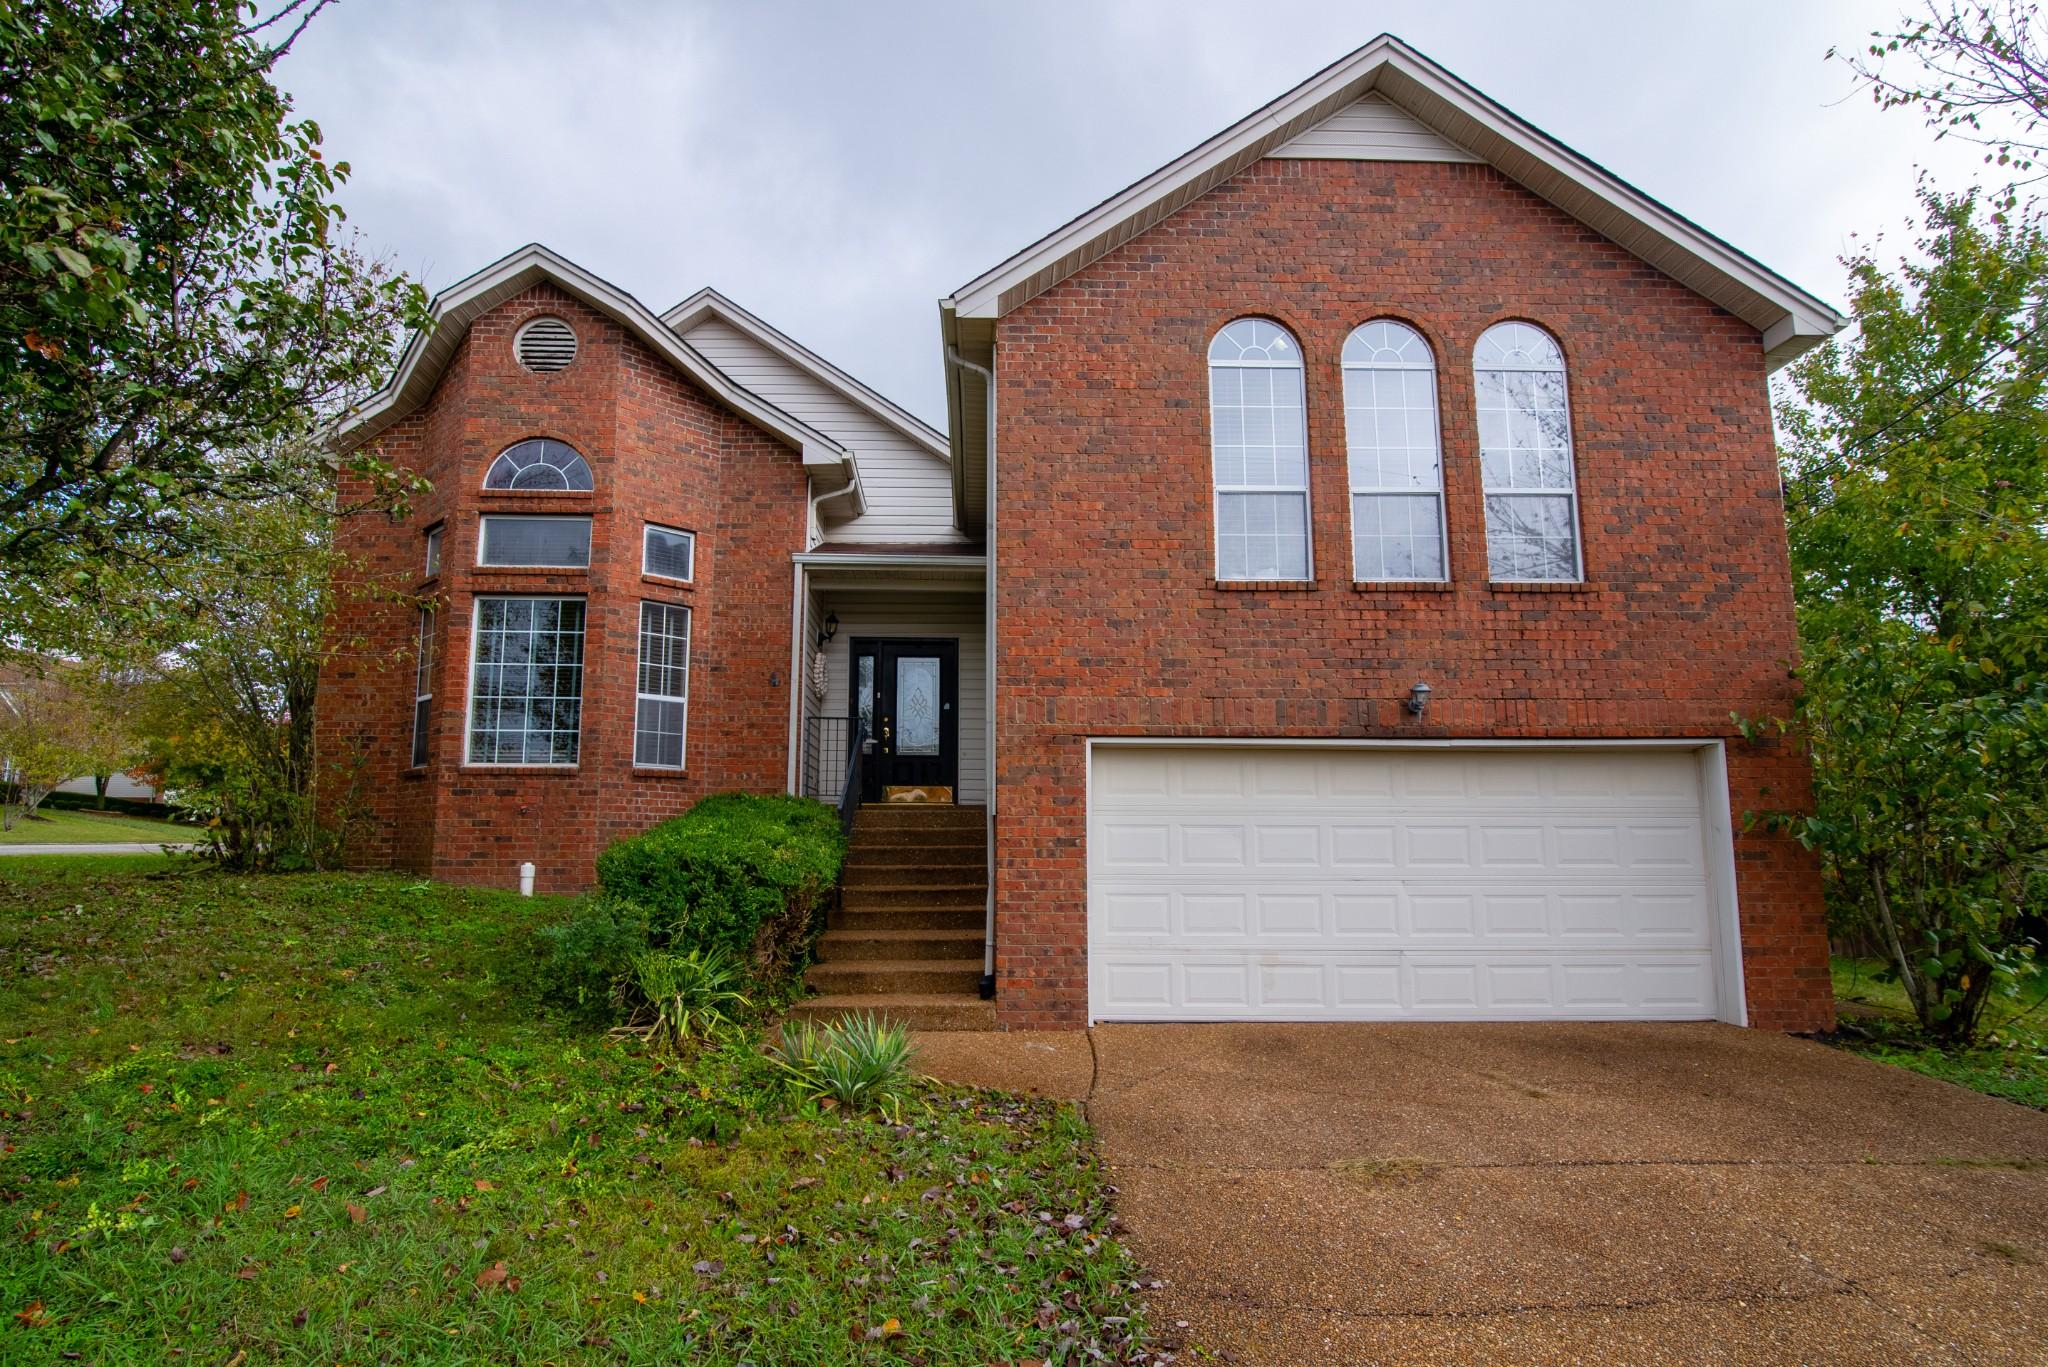 3601 Applewood Ln, Antioch, TN 37013 - Antioch, TN real estate listing